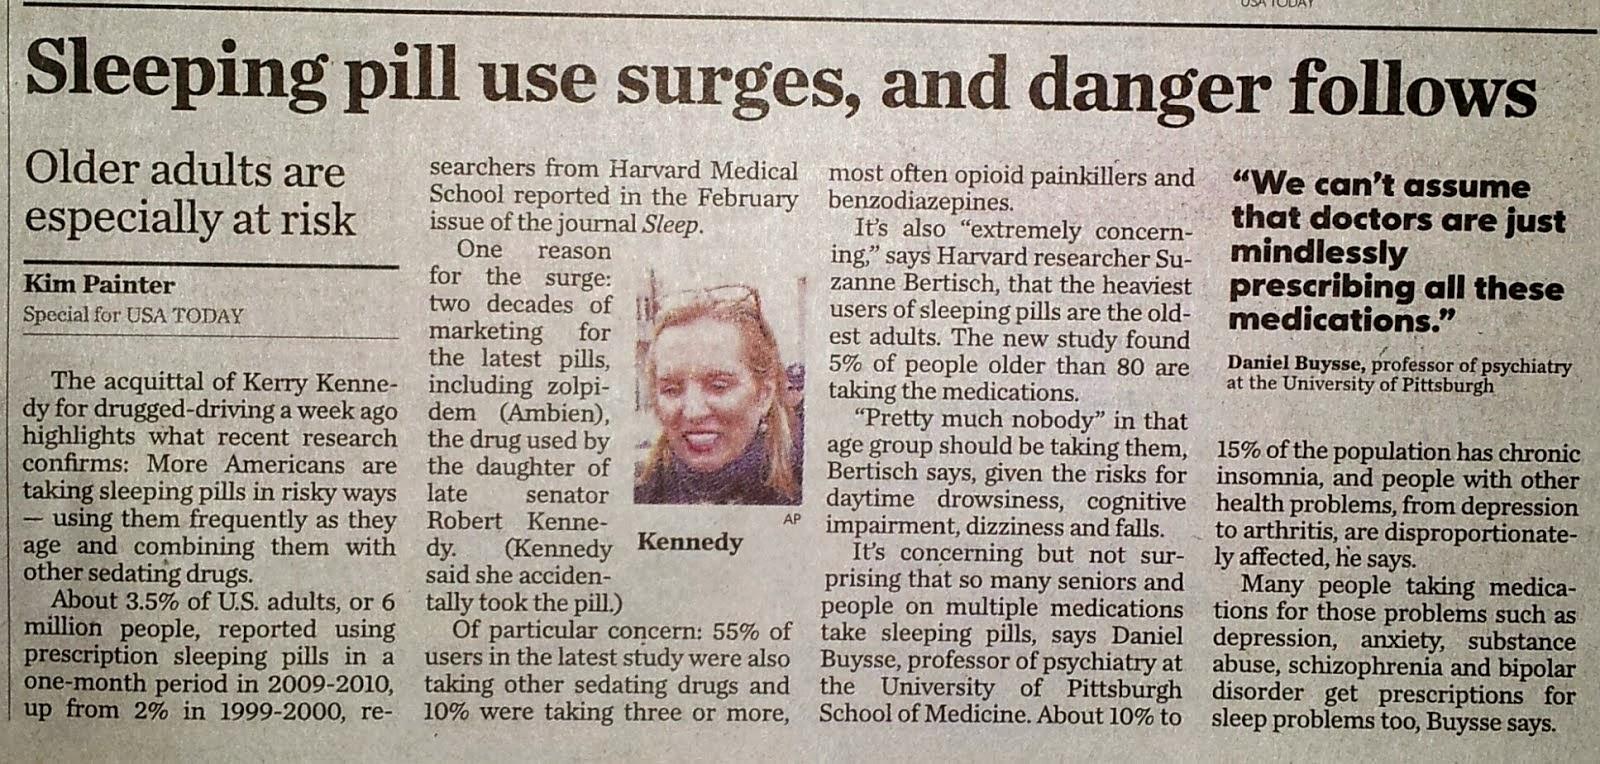 Las pastillas para dormir causan mareos.